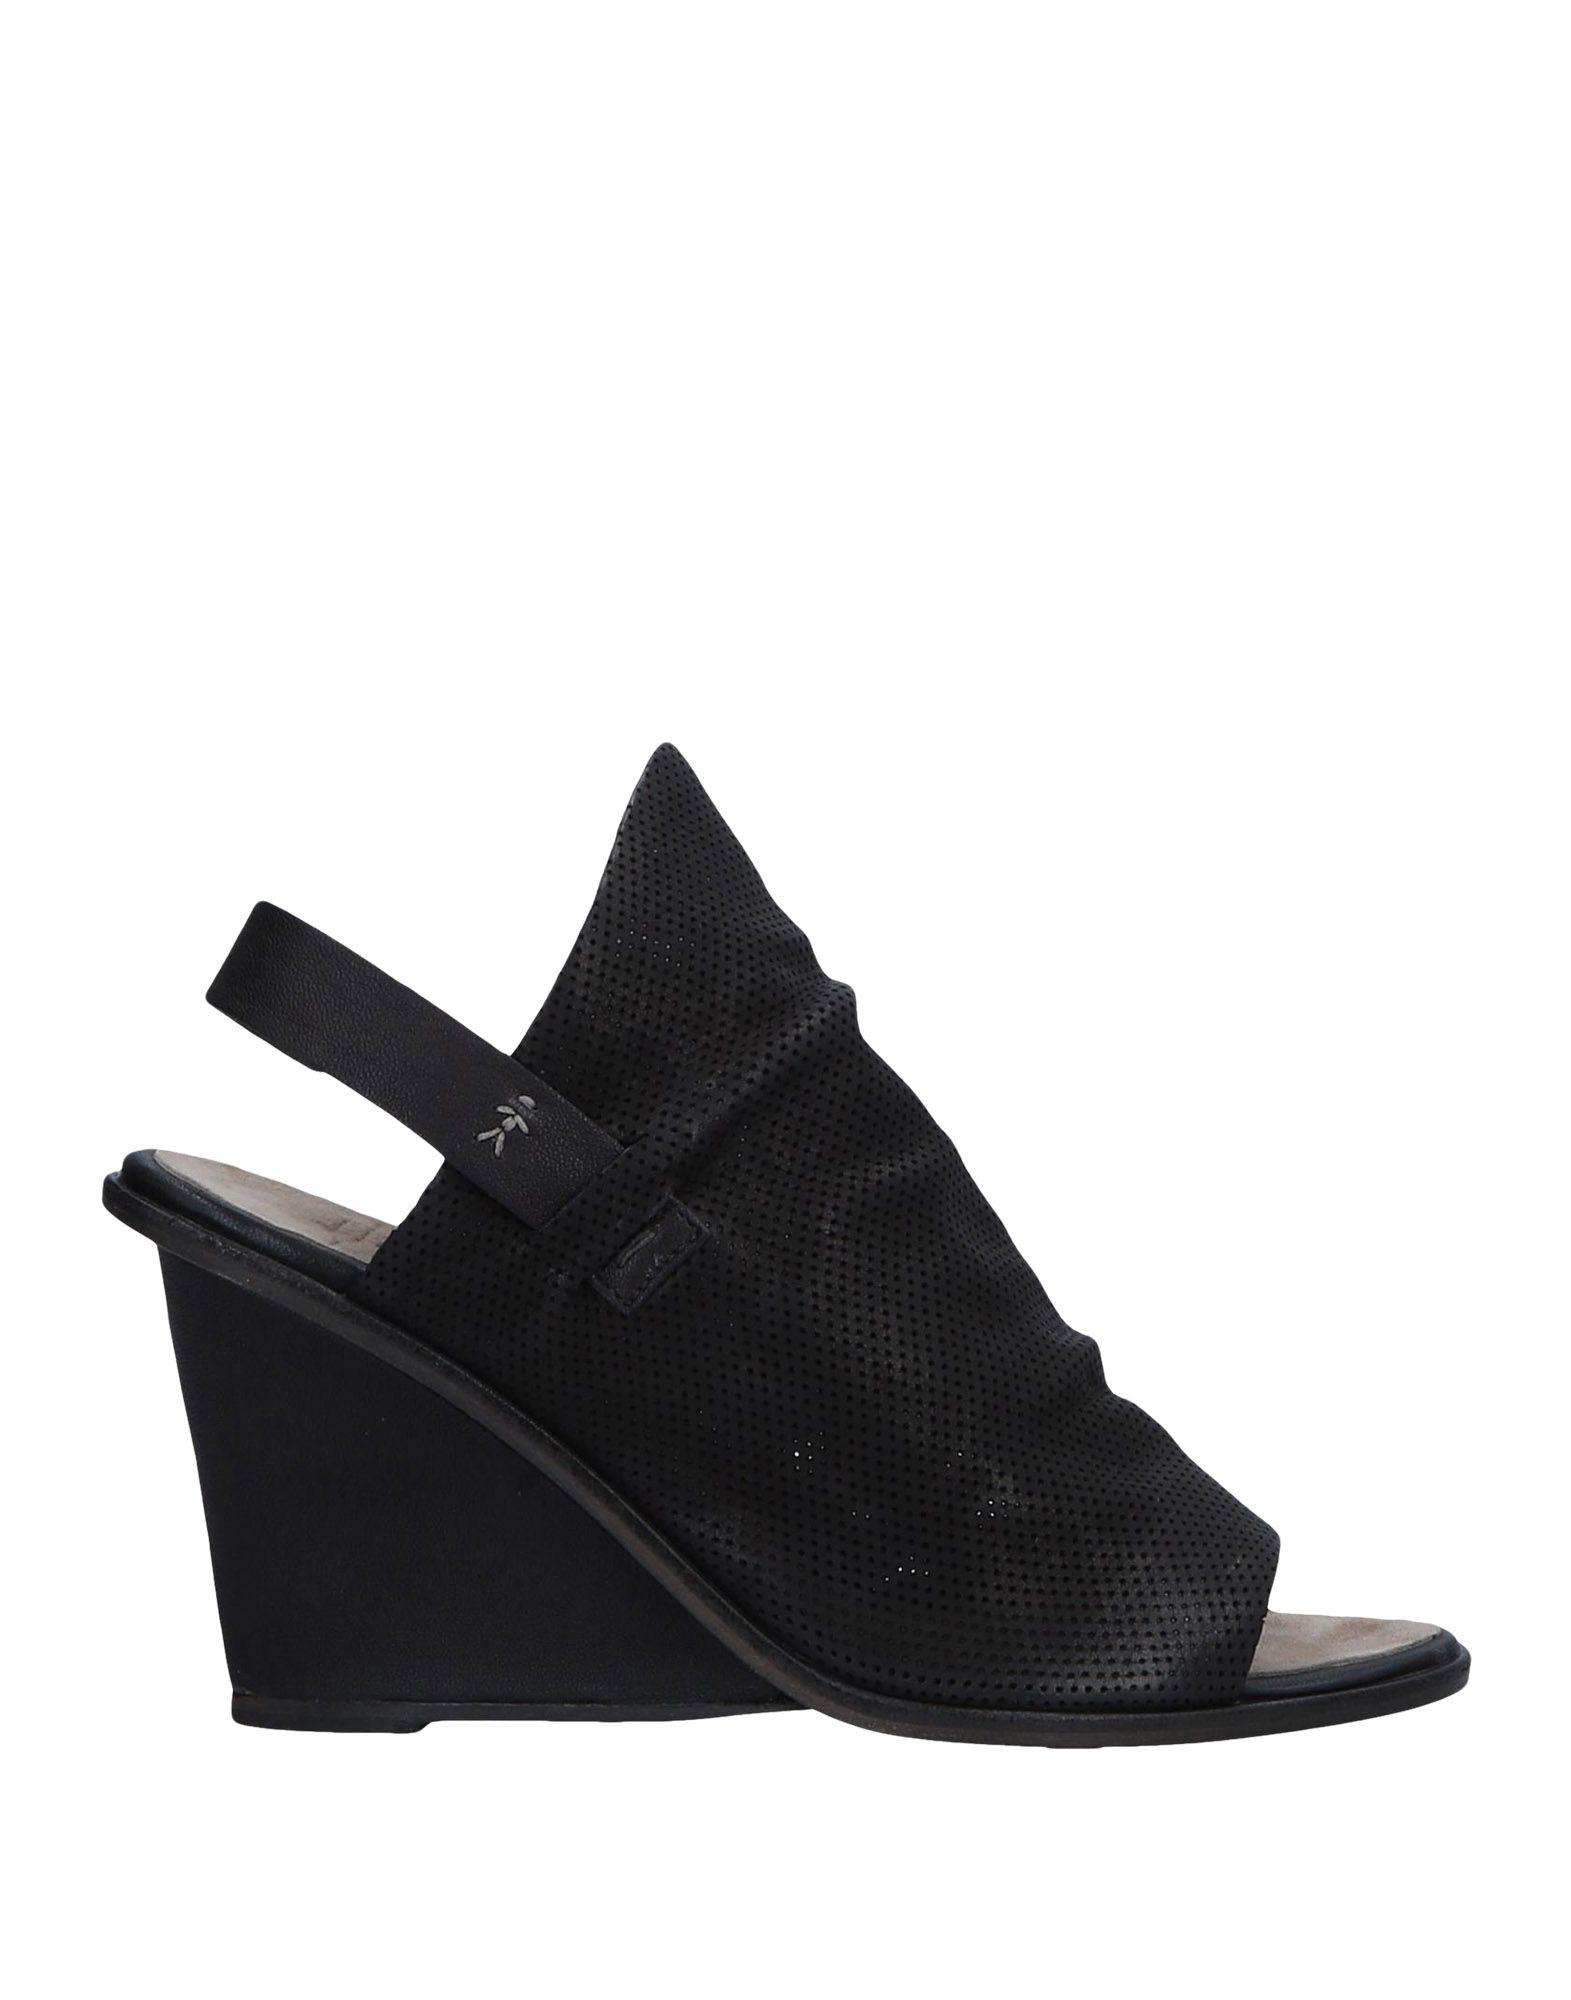 Rabatt Schuhe Henry Beguelin Sandalen Damen  11506732FR